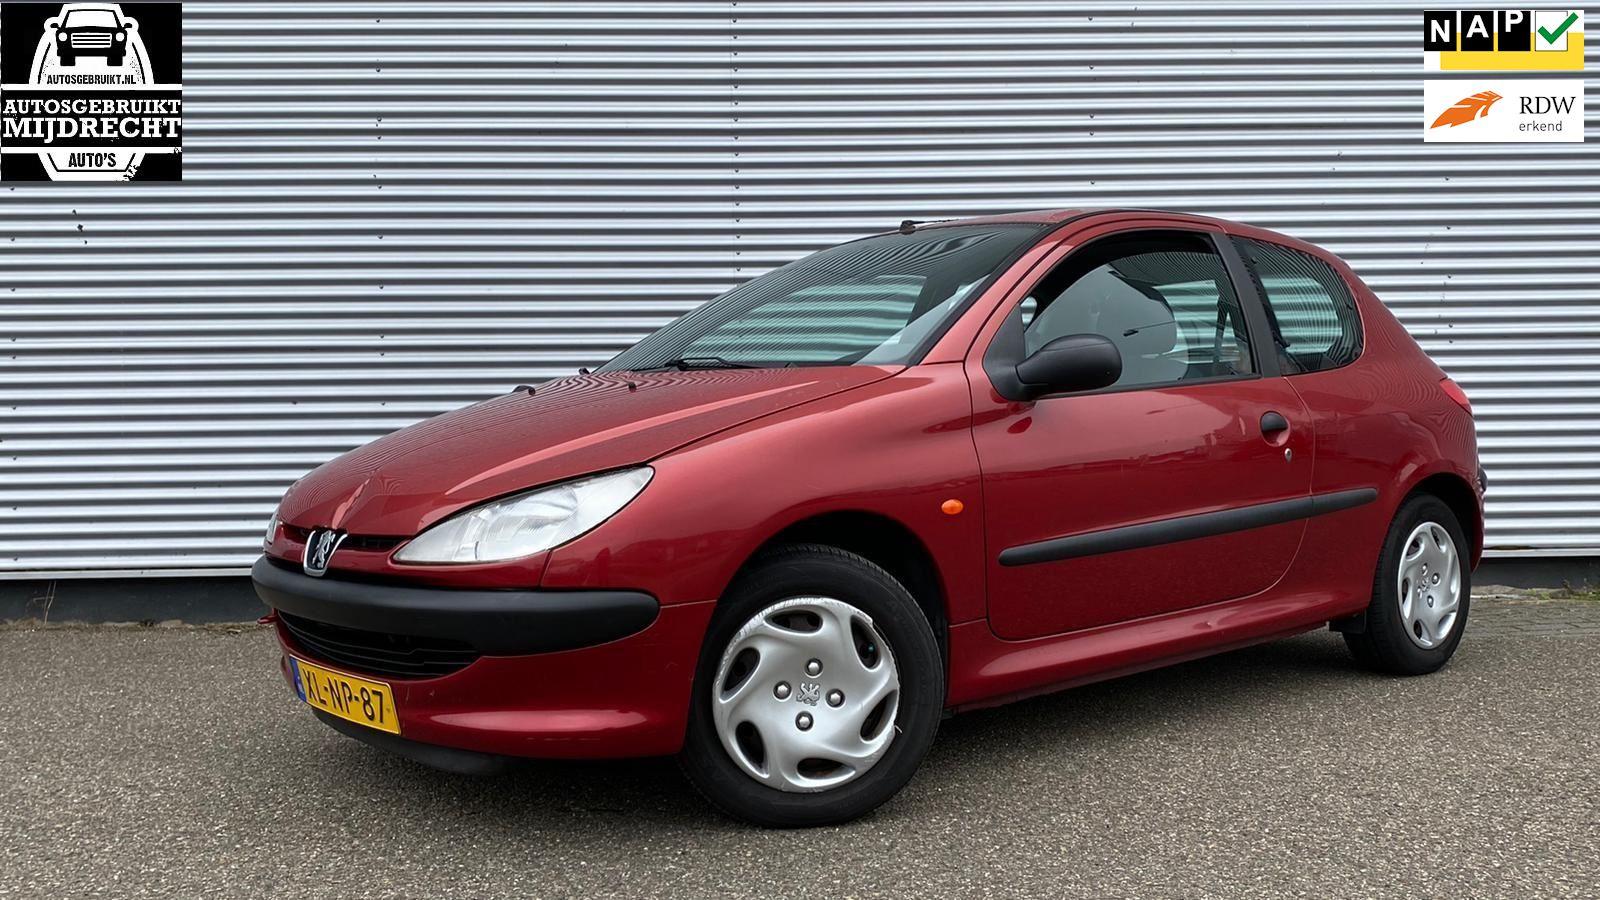 Peugeot 206 occasion - Autosgebruikt Mijdrecht